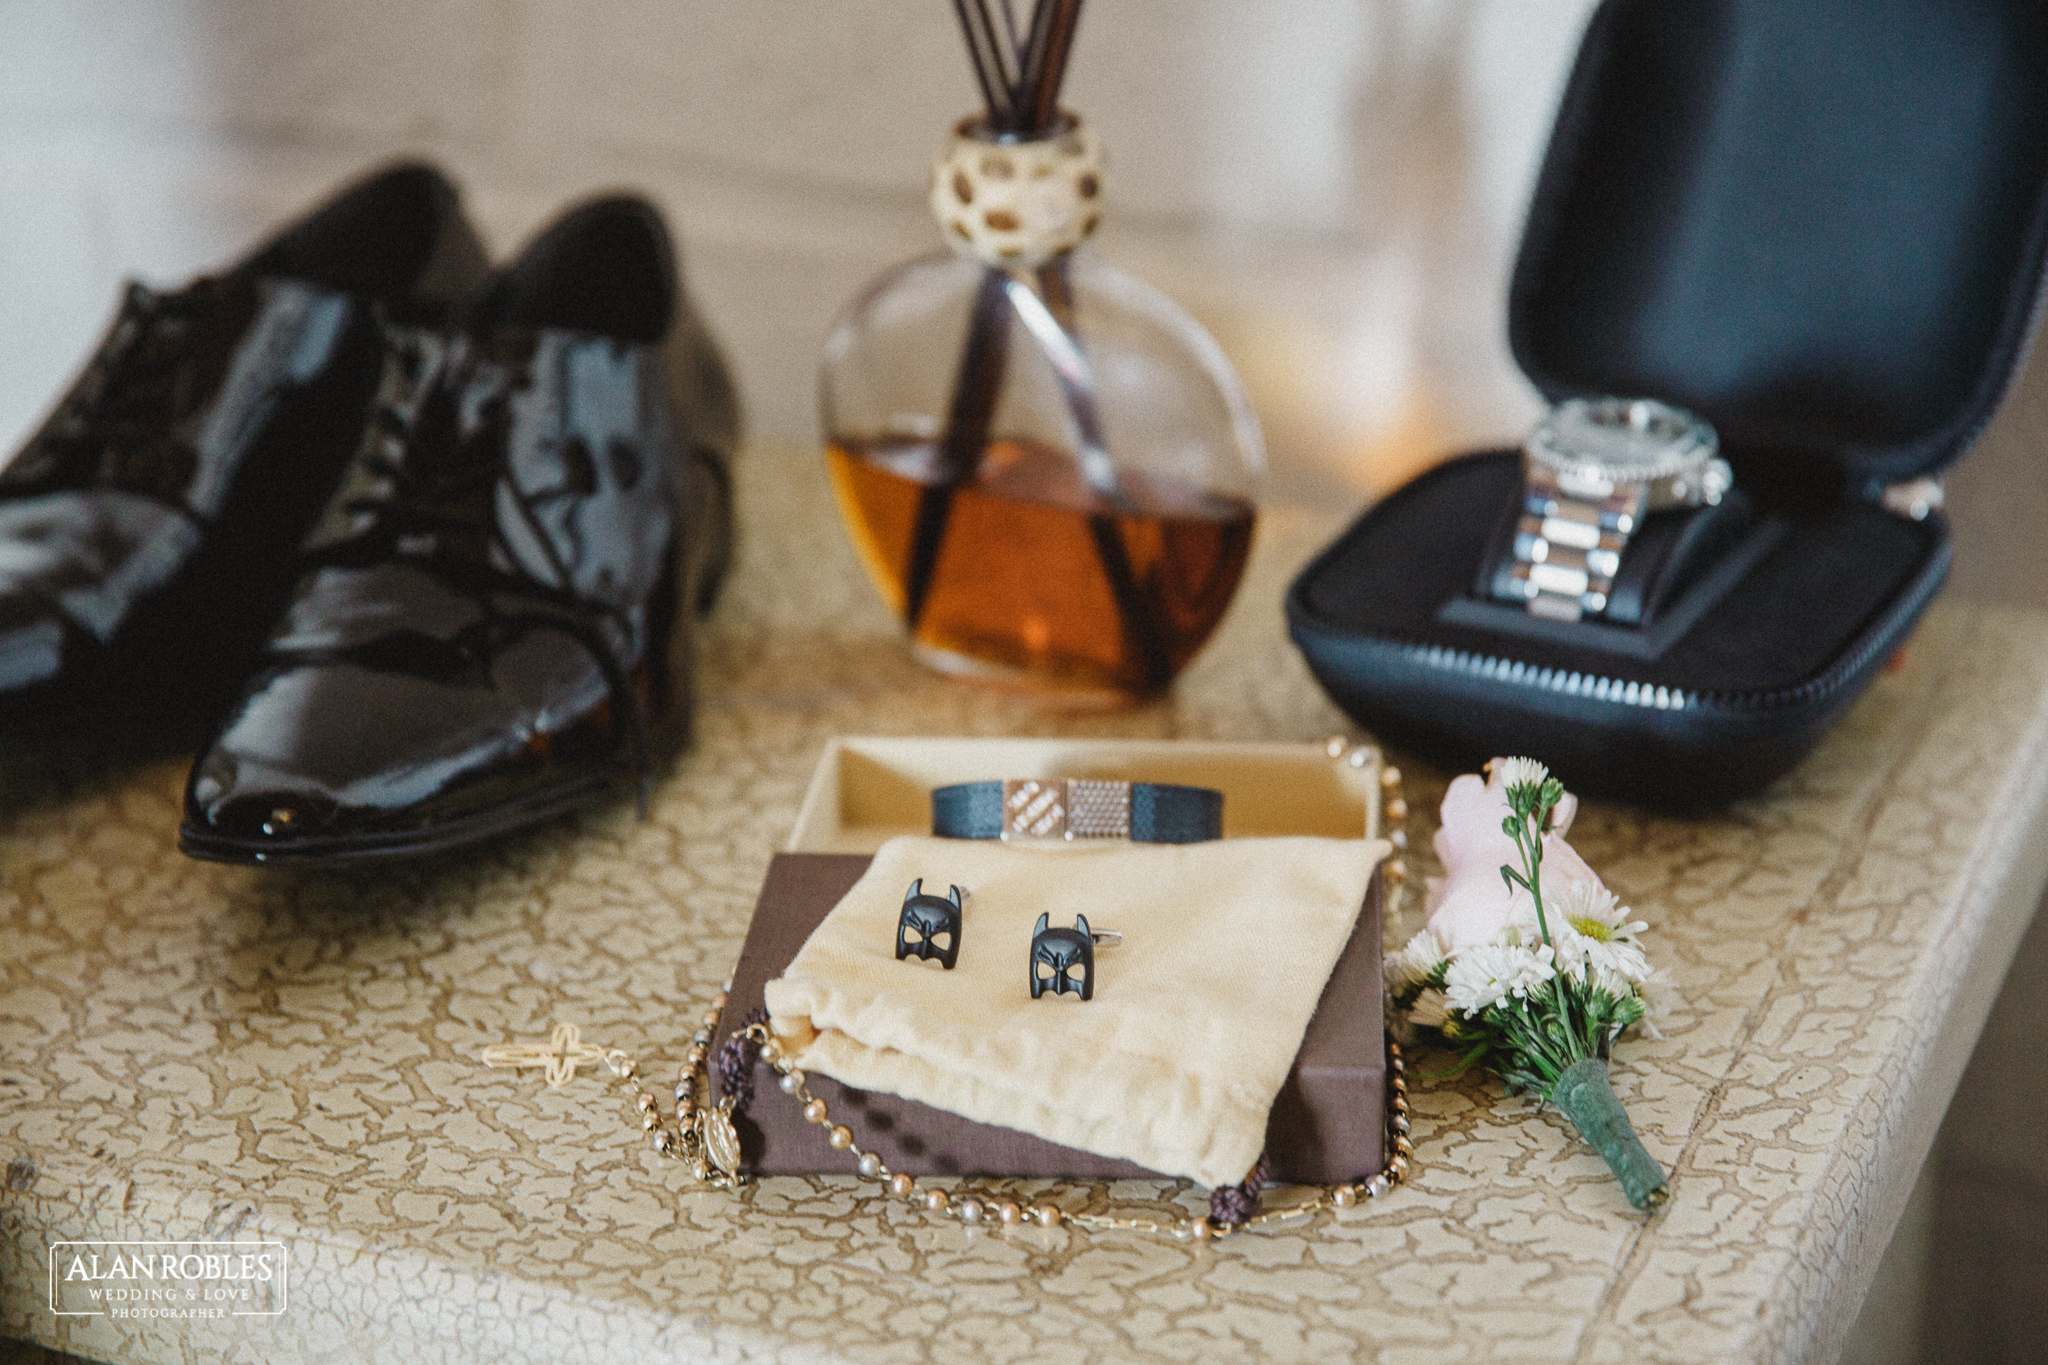 Detalle de los accesorios del novio, botonier, azar, mancuernillas de super heroe batman, zapatos y reloj para la boda. Fotografo de Bodas Alan Robles en Guadalajara.